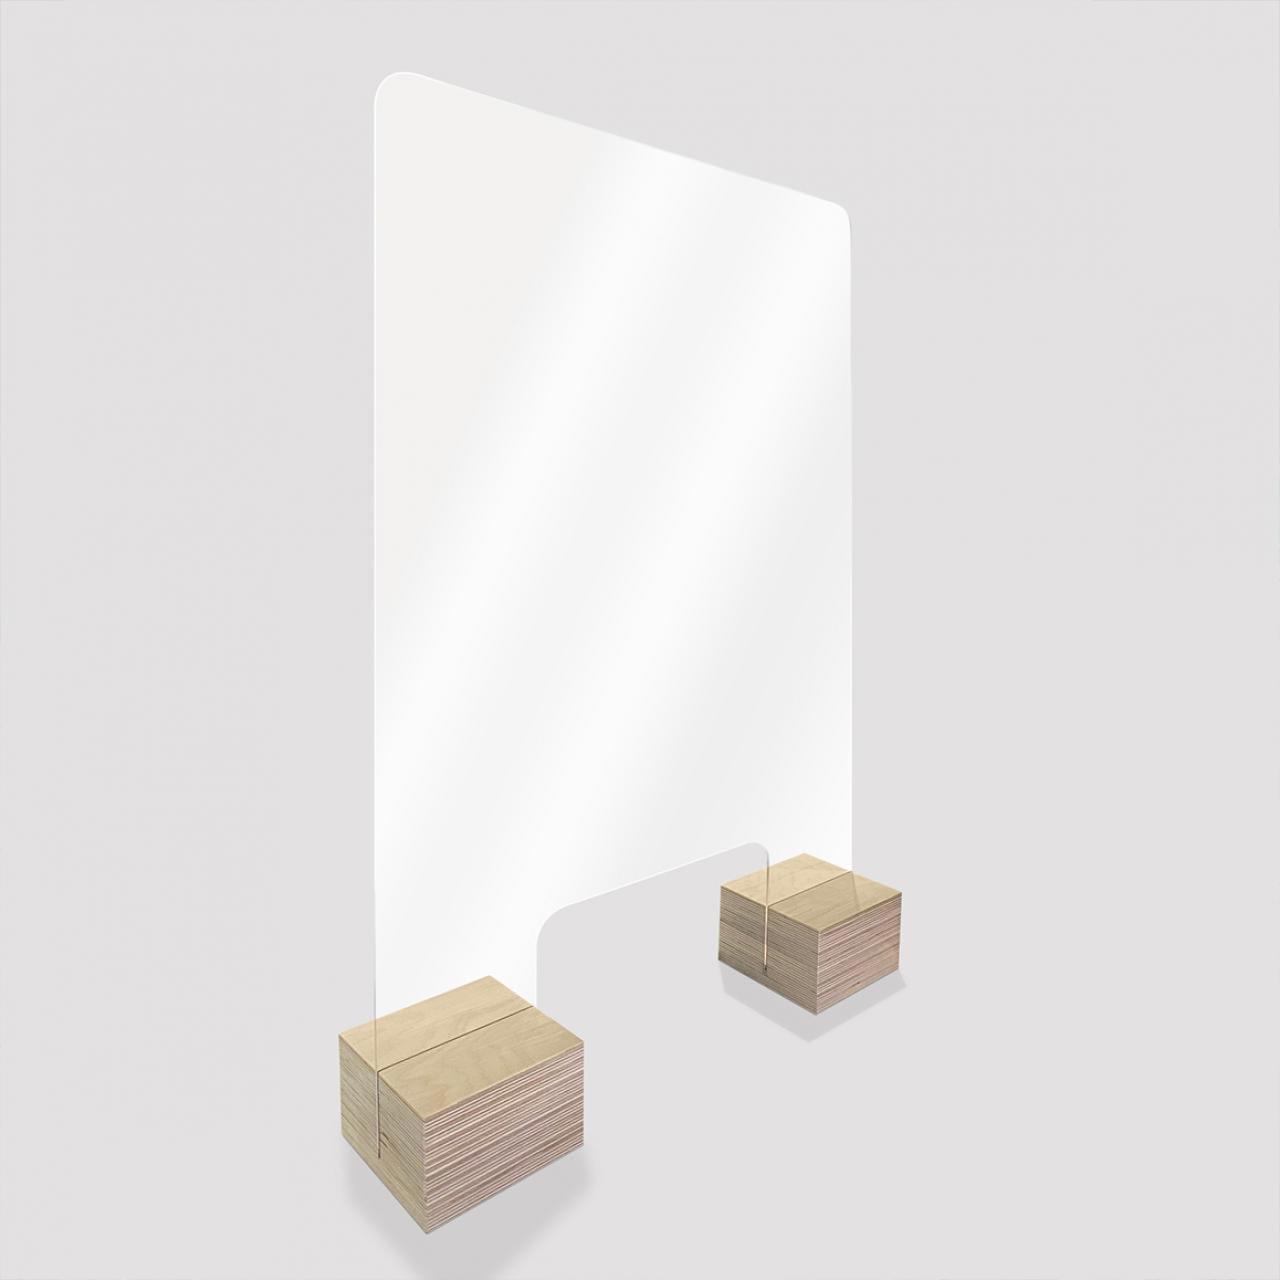 """Spuckschutz """"Woody"""" aus Plexiglas mit formschönen Holzfüßen als Aufsatz für schmale Verkaufstresen"""